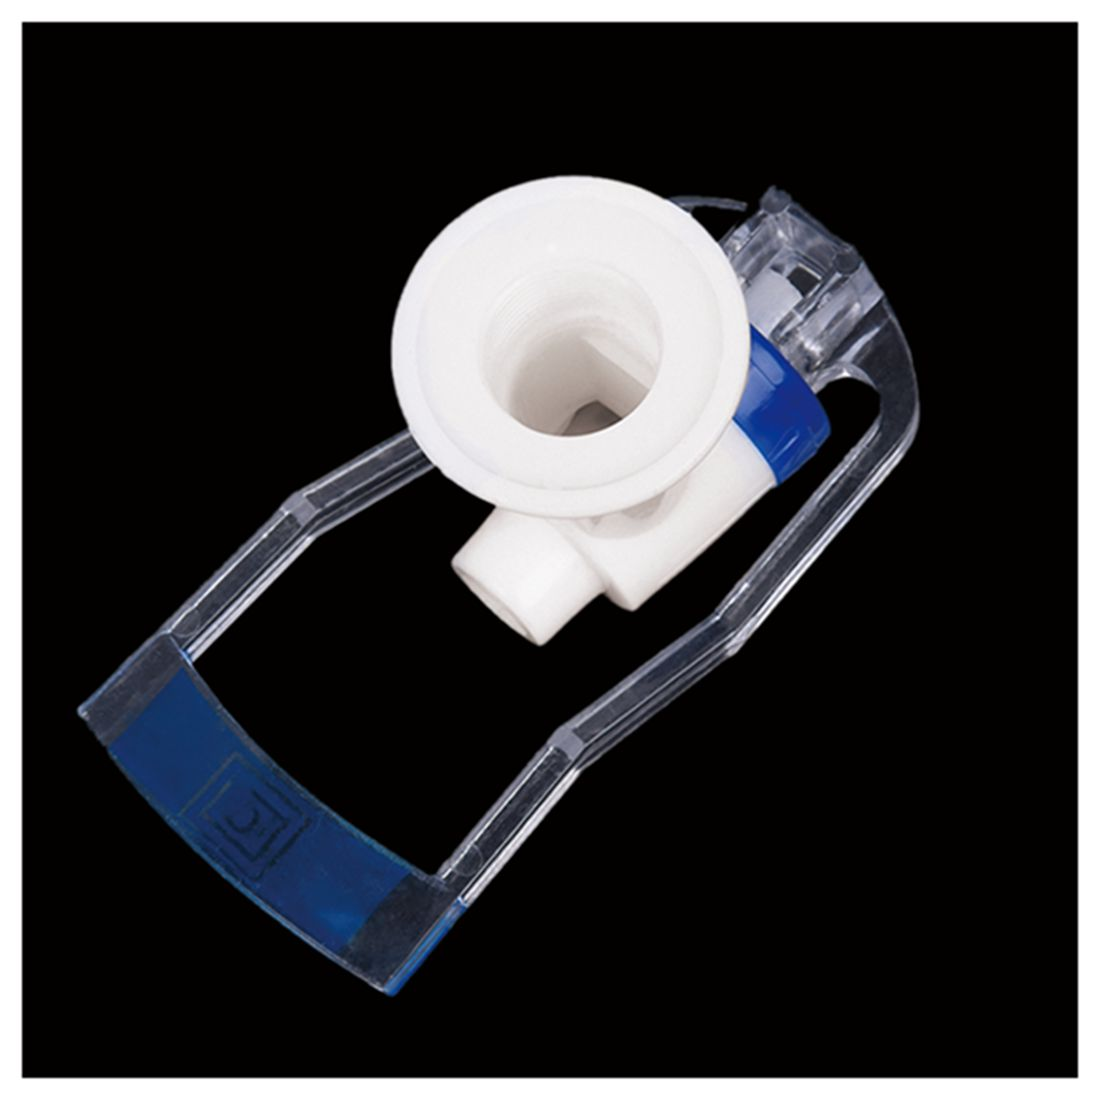 EAS-замена Нажмите кран для диспенсер воды Пластиковый Диспенсер Белый Красный Синий (2 шт)